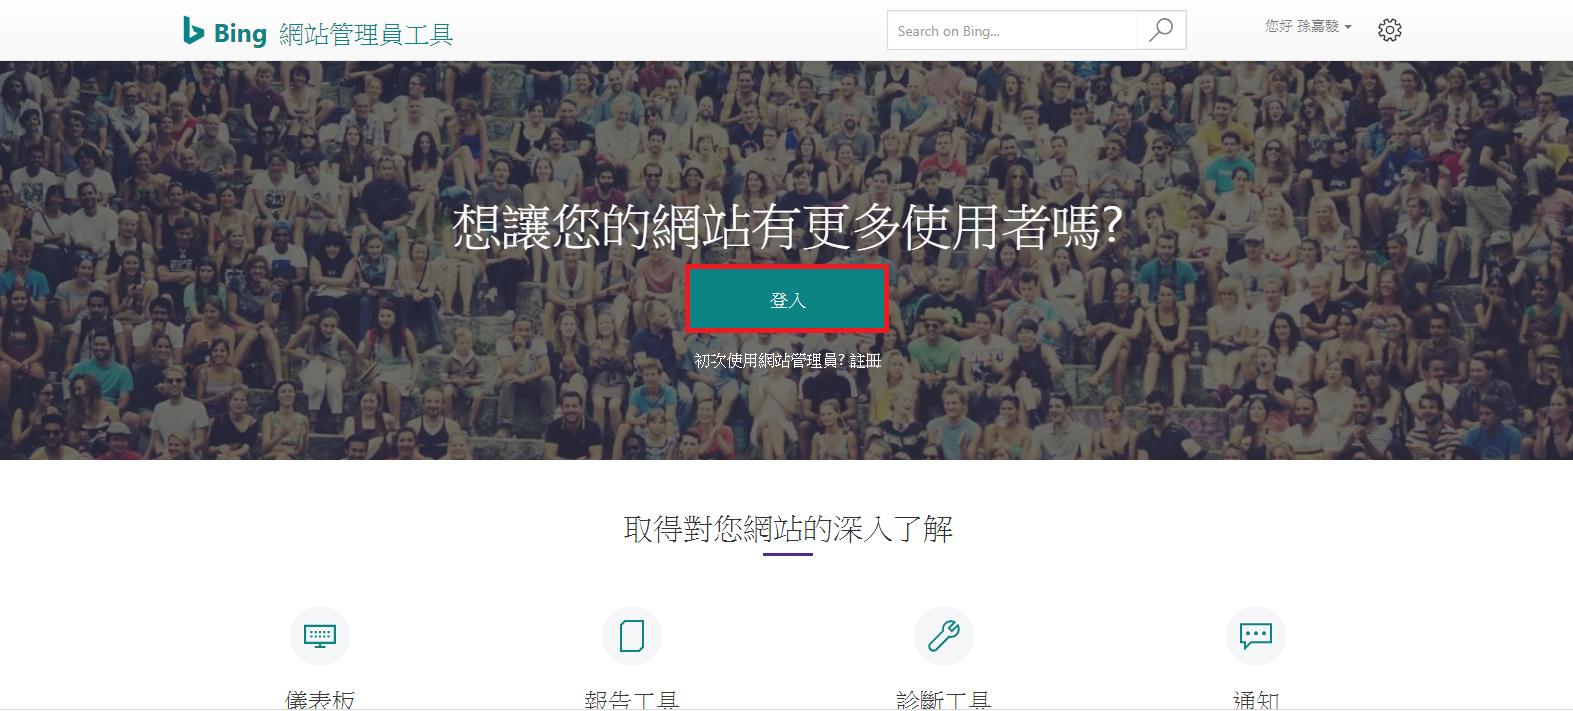 網站流量提升》將部落格登錄在yahoo搜尋引擎中